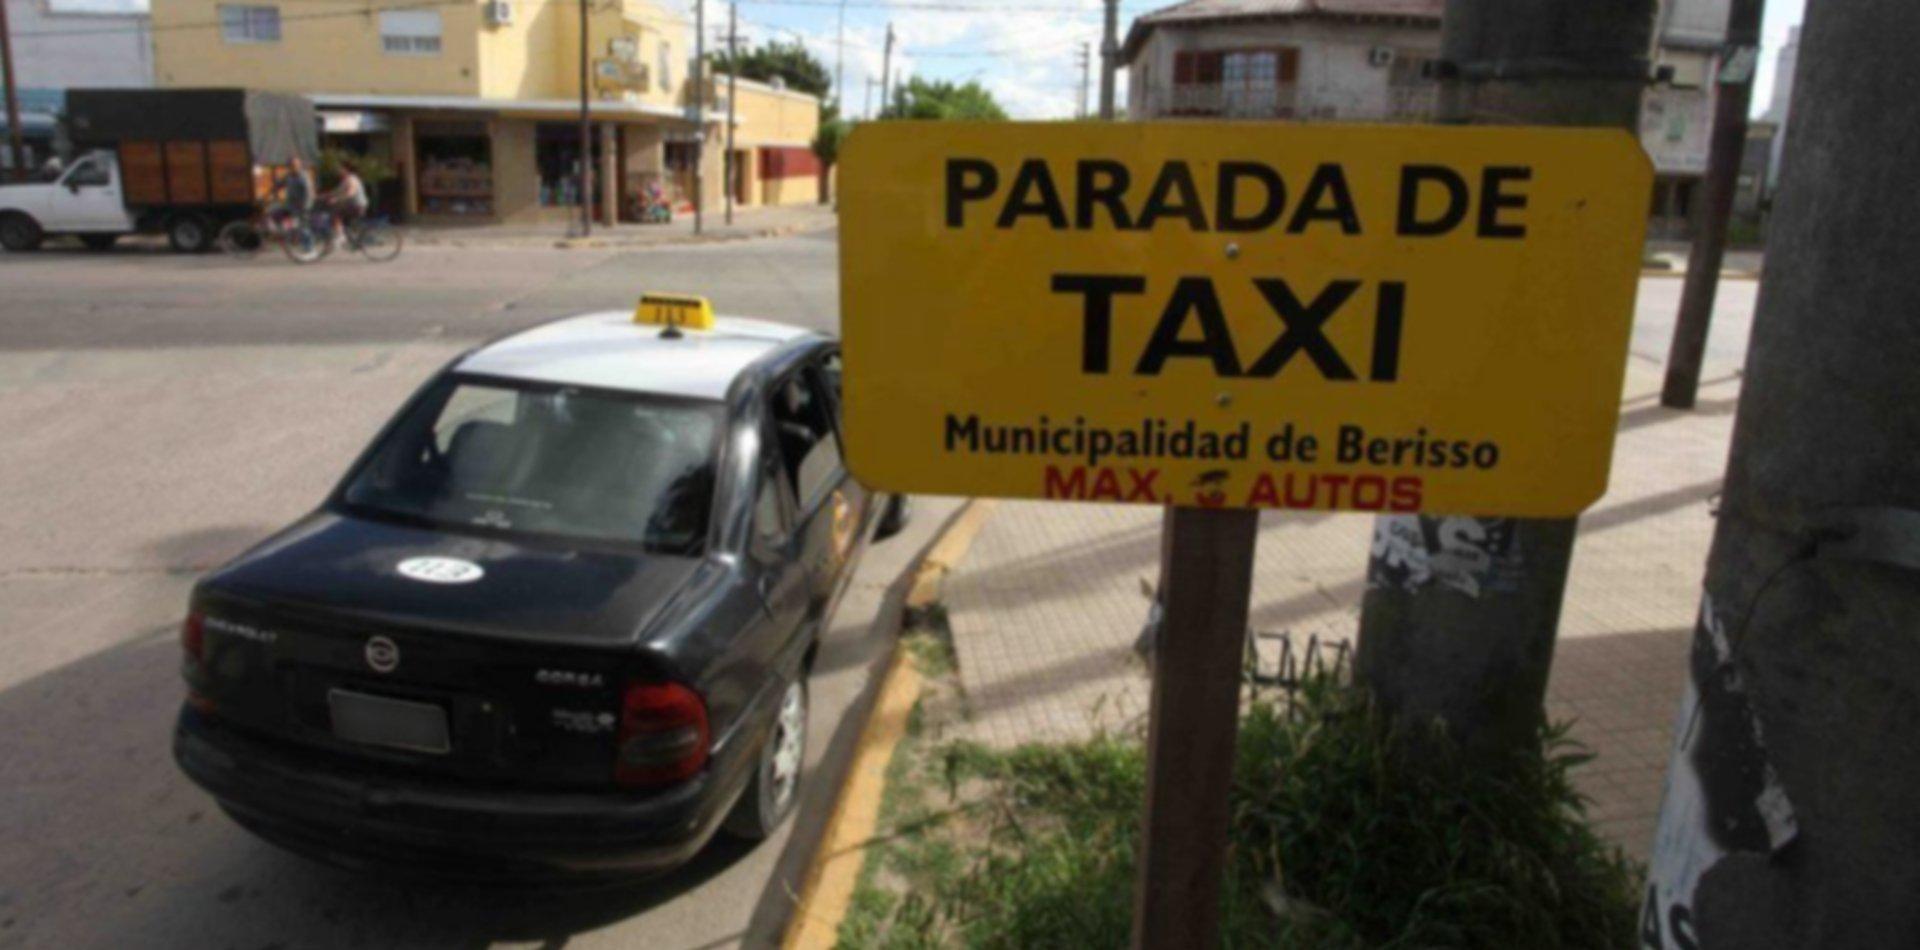 Detuvieron a un taxista que intentó abusar de una pasajera en un descampado de Berisso